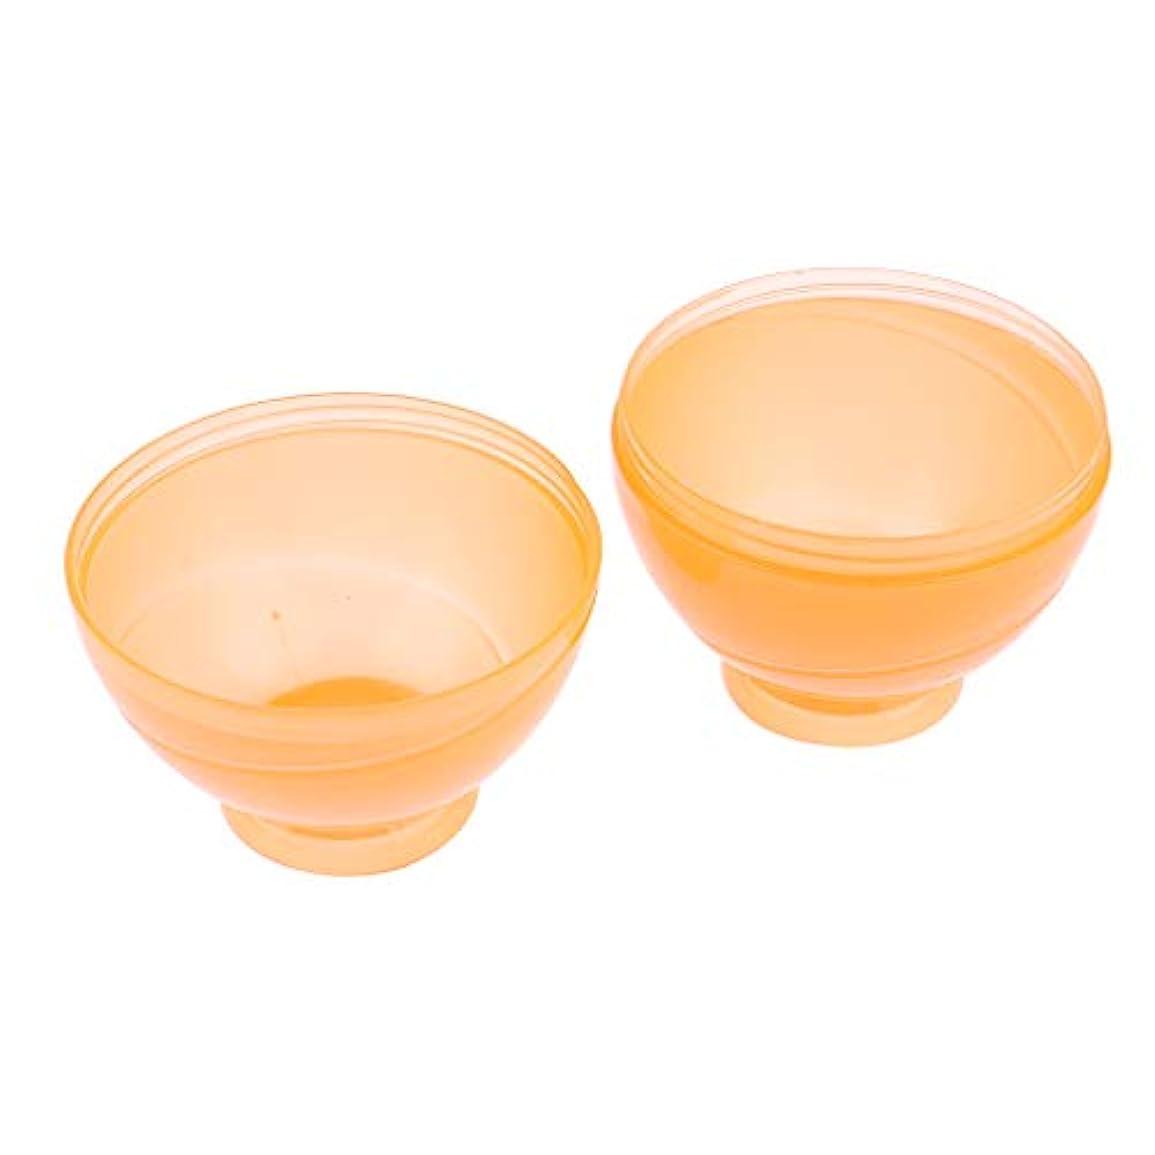 凶暴なトークンダンスカラーボウル ヘアカラー ミキシングボトル プロ 美容師 キャンディー形状 便利 漏れ防止 全3色 - オレンジ